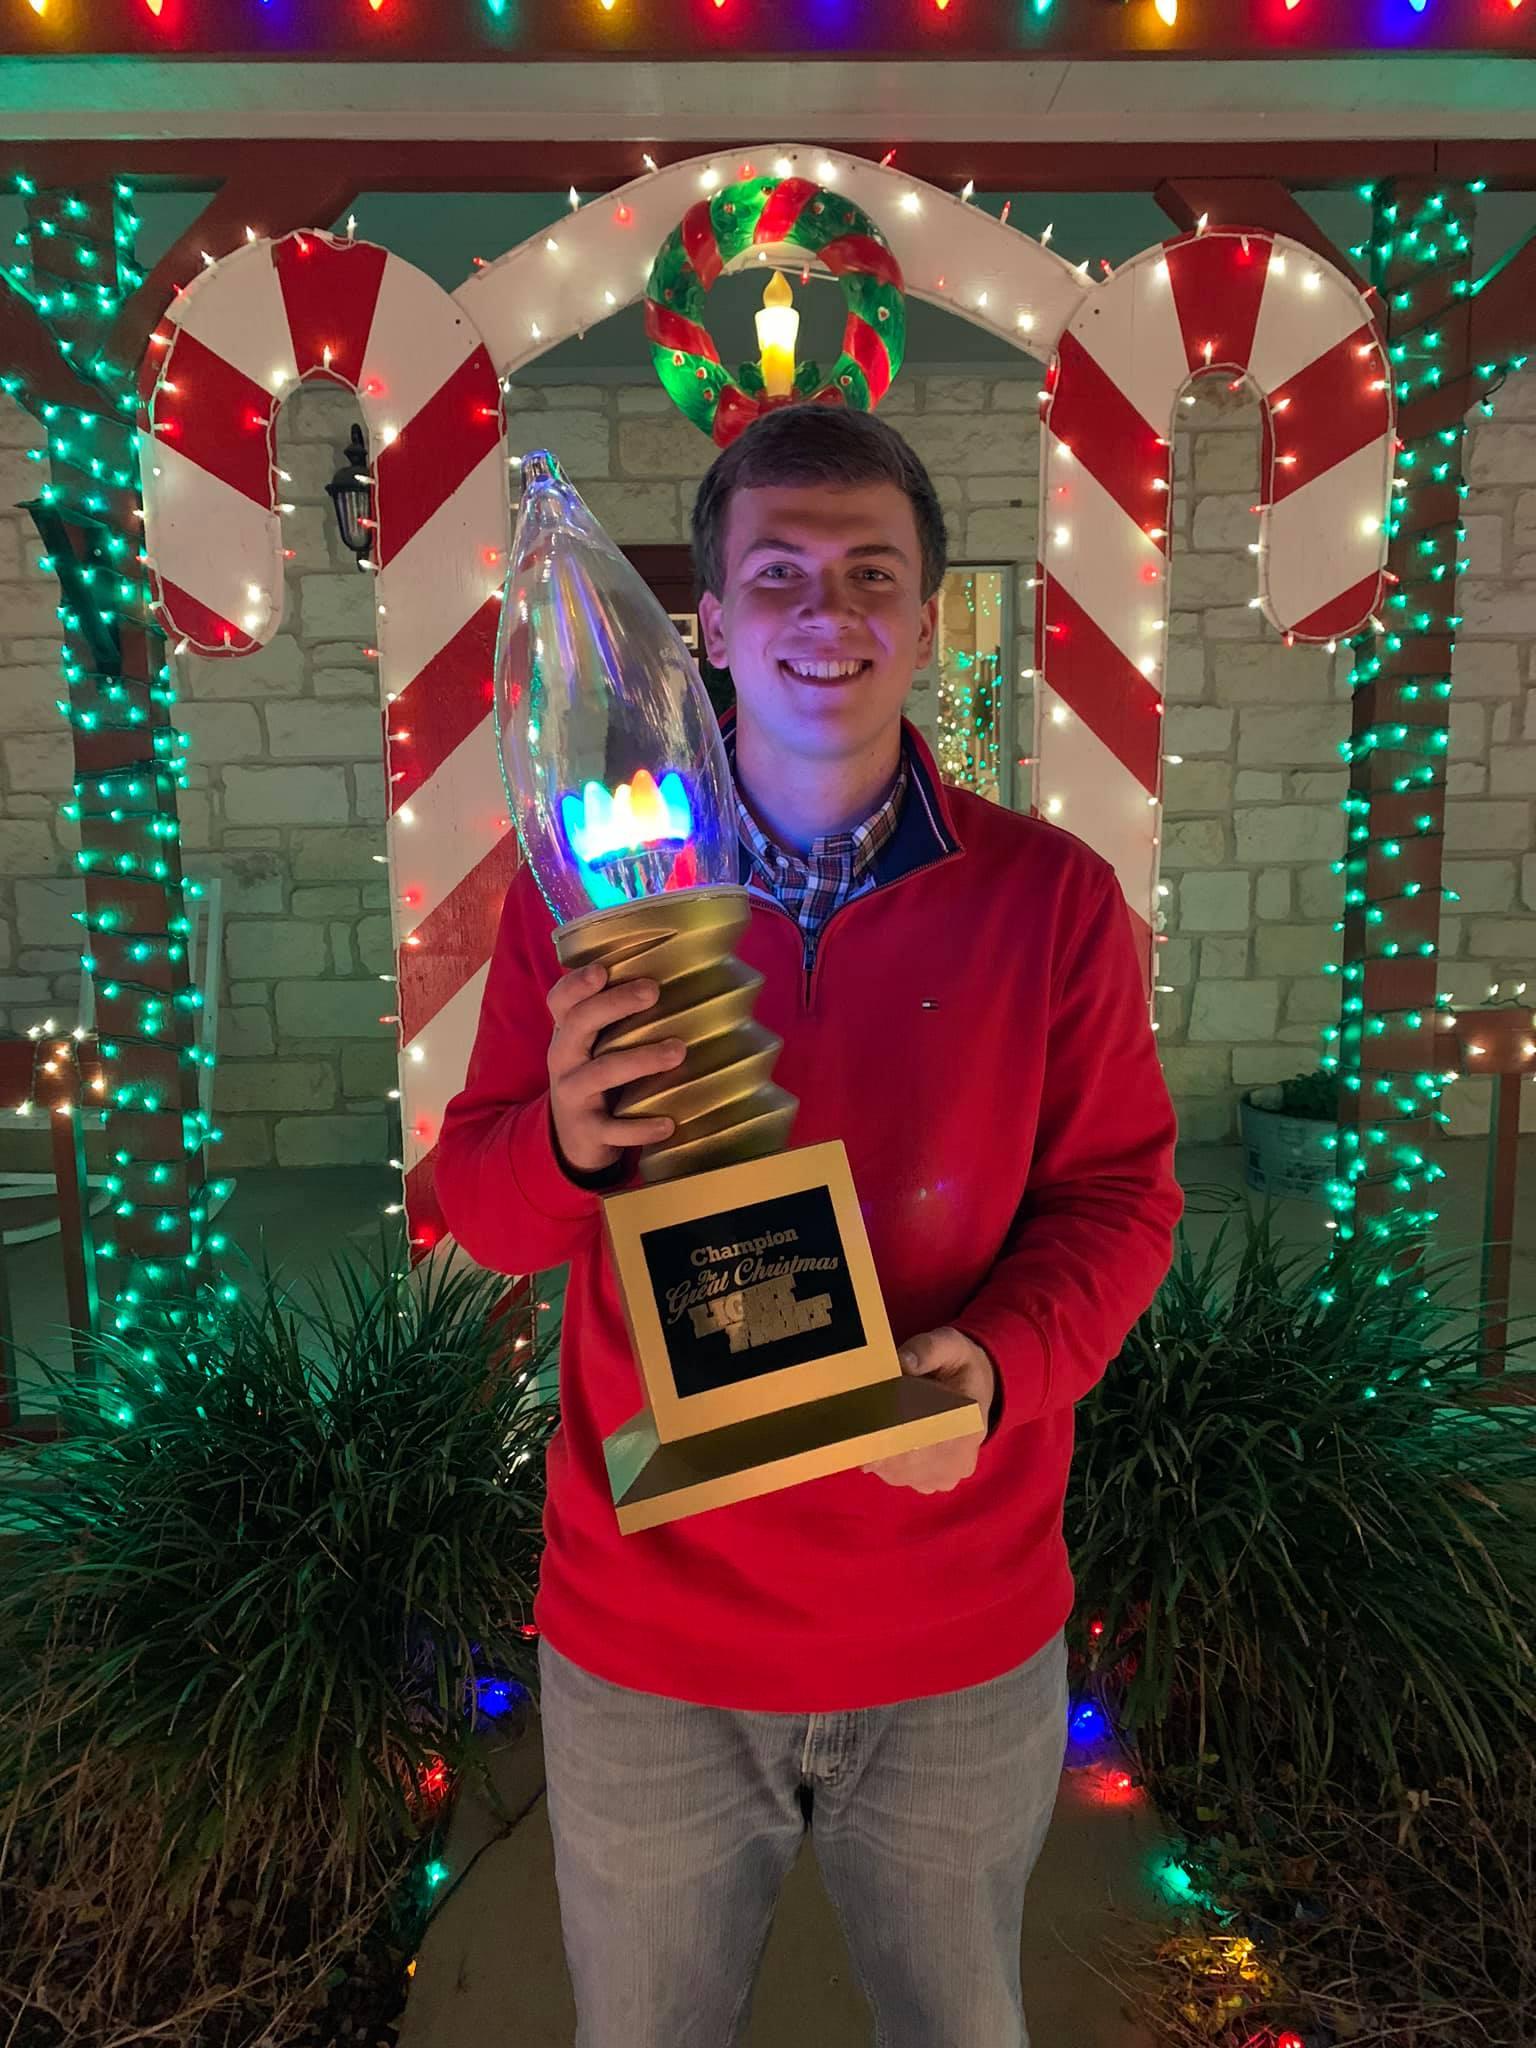 Gullo House Christmas Lights 2020 : gullo, house, christmas, lights, Texas, Student, ,000, ABC-TV, Lights, Display, Today